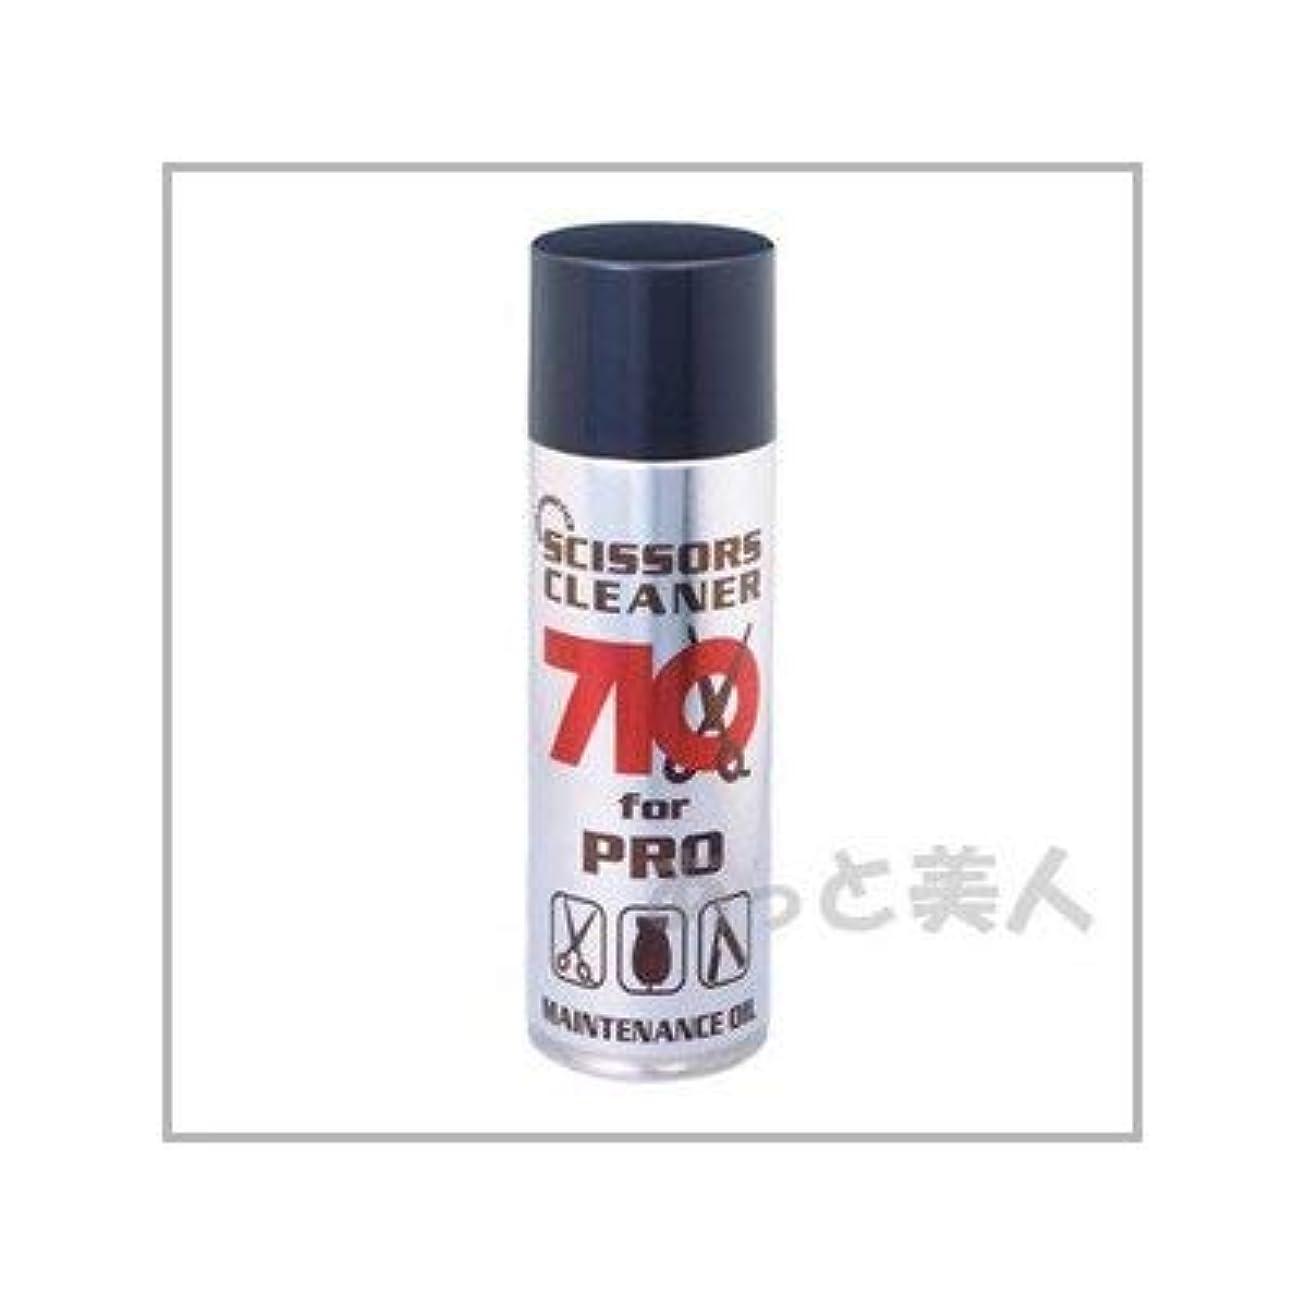 速度屈辱するクローゼットシザーズクリーナーオイル710 220ml(スプレータイプ)